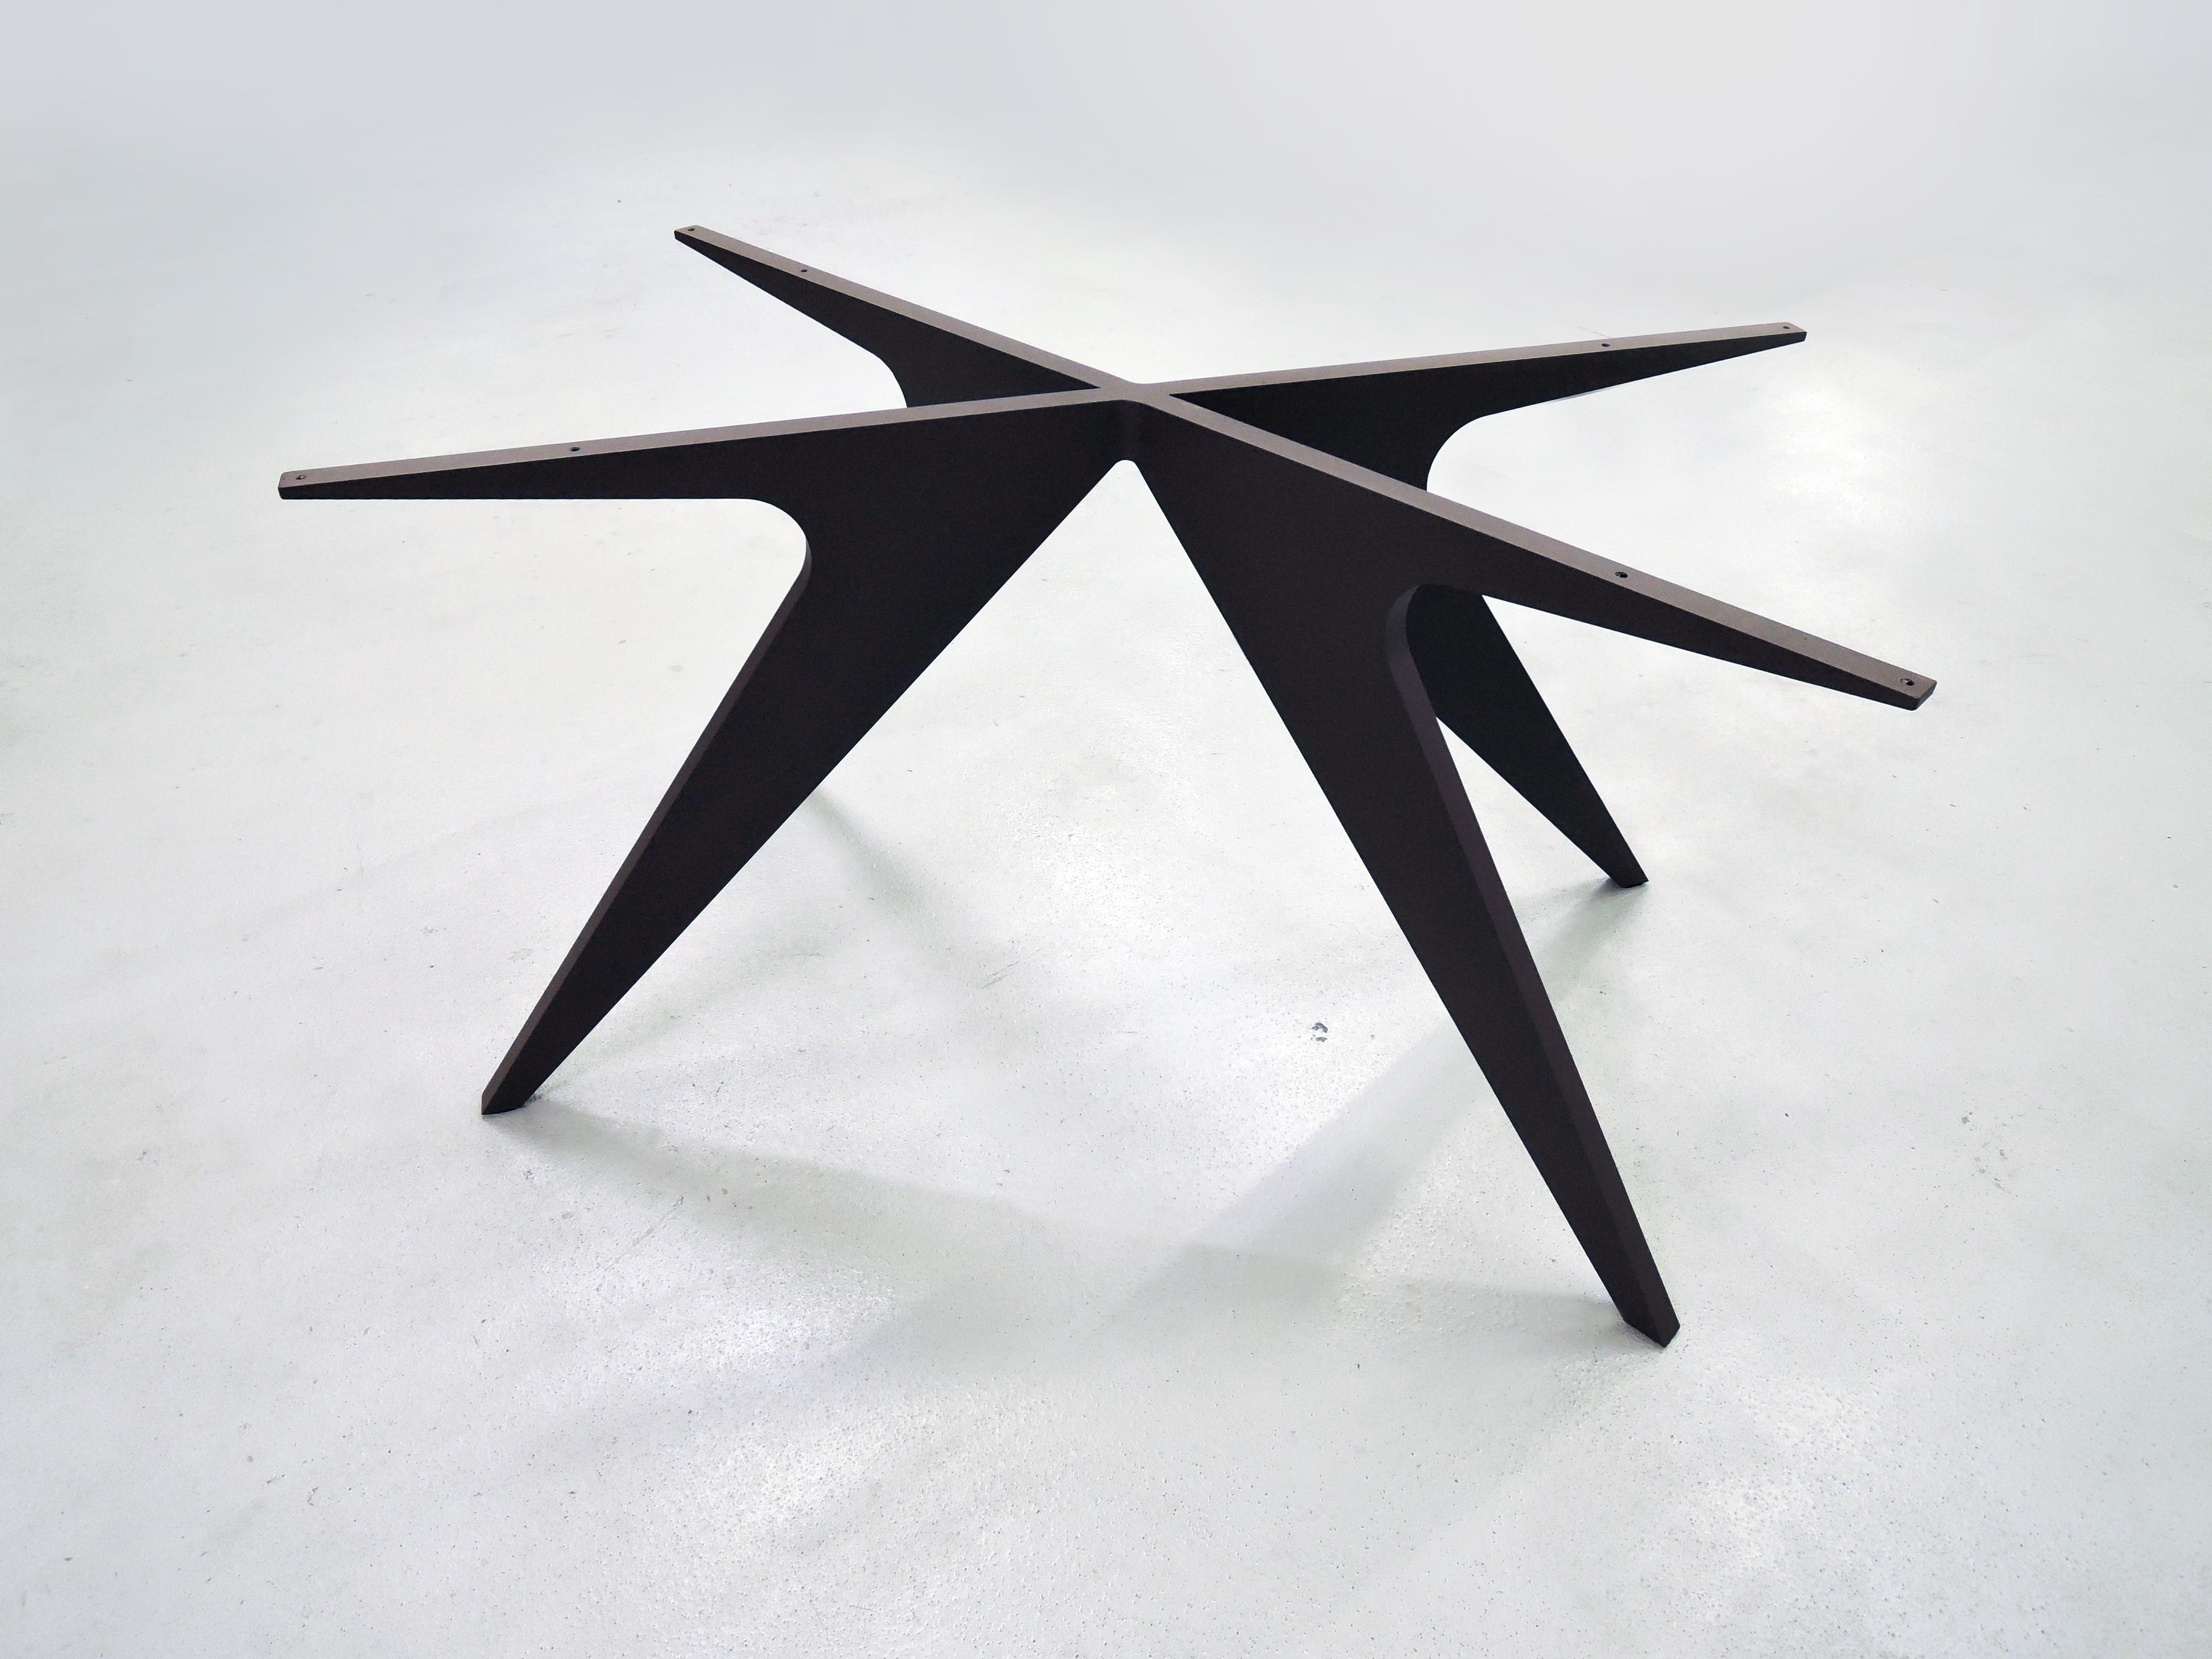 Pied De Table Meduse Fabrication Artisanale Francaise